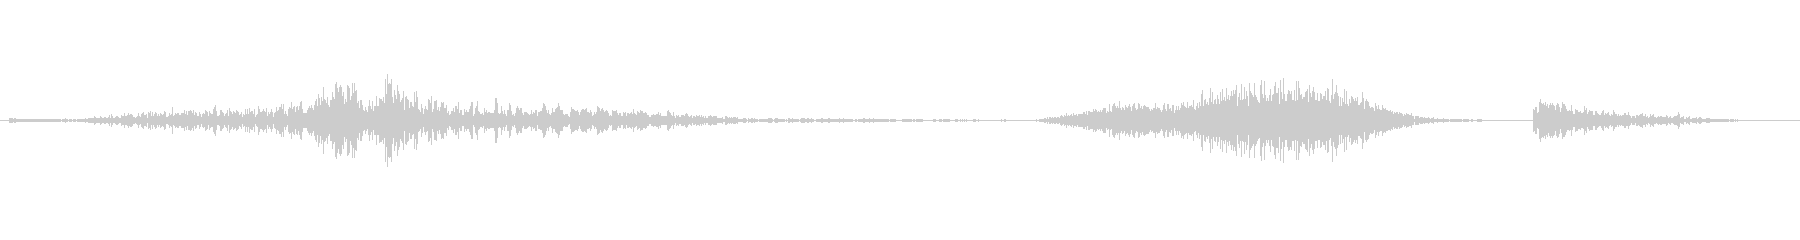 ロードキル、アニマルエンジングロー...の未再生の波形